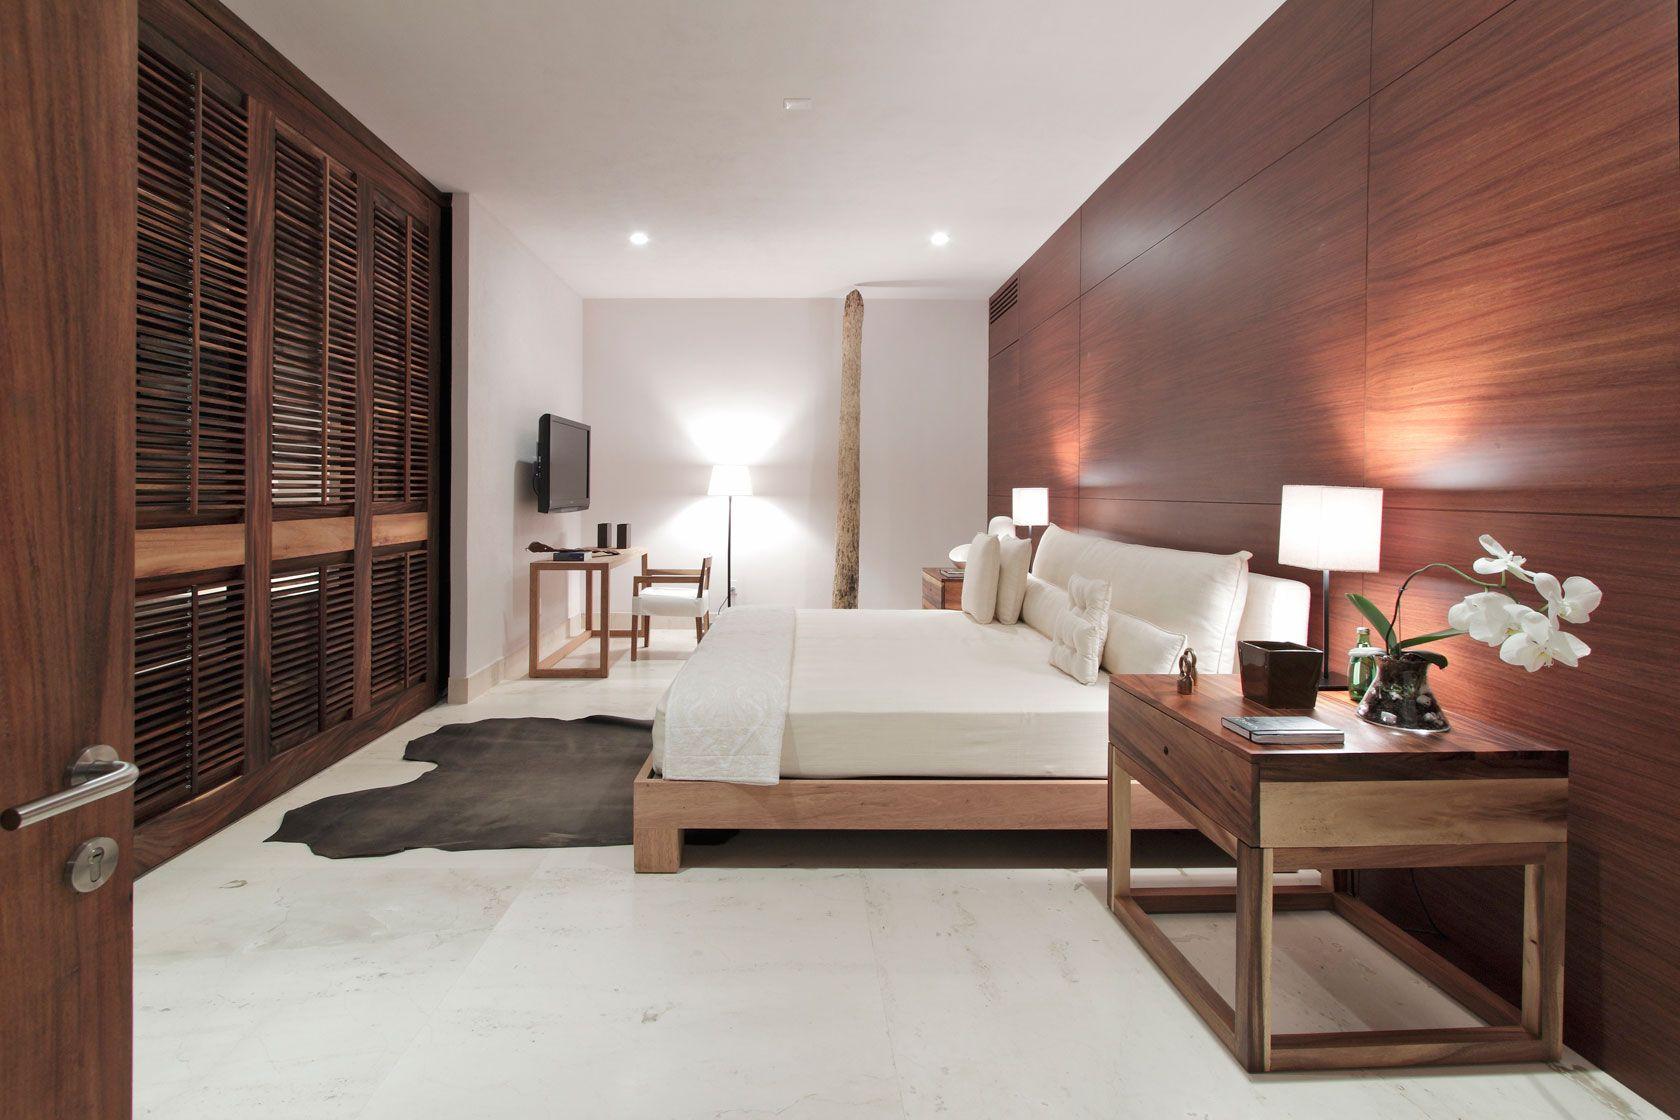 Casa almare by elías rizo arquitectos modern bedroom zen bedrooms minimalist bedroom puerto